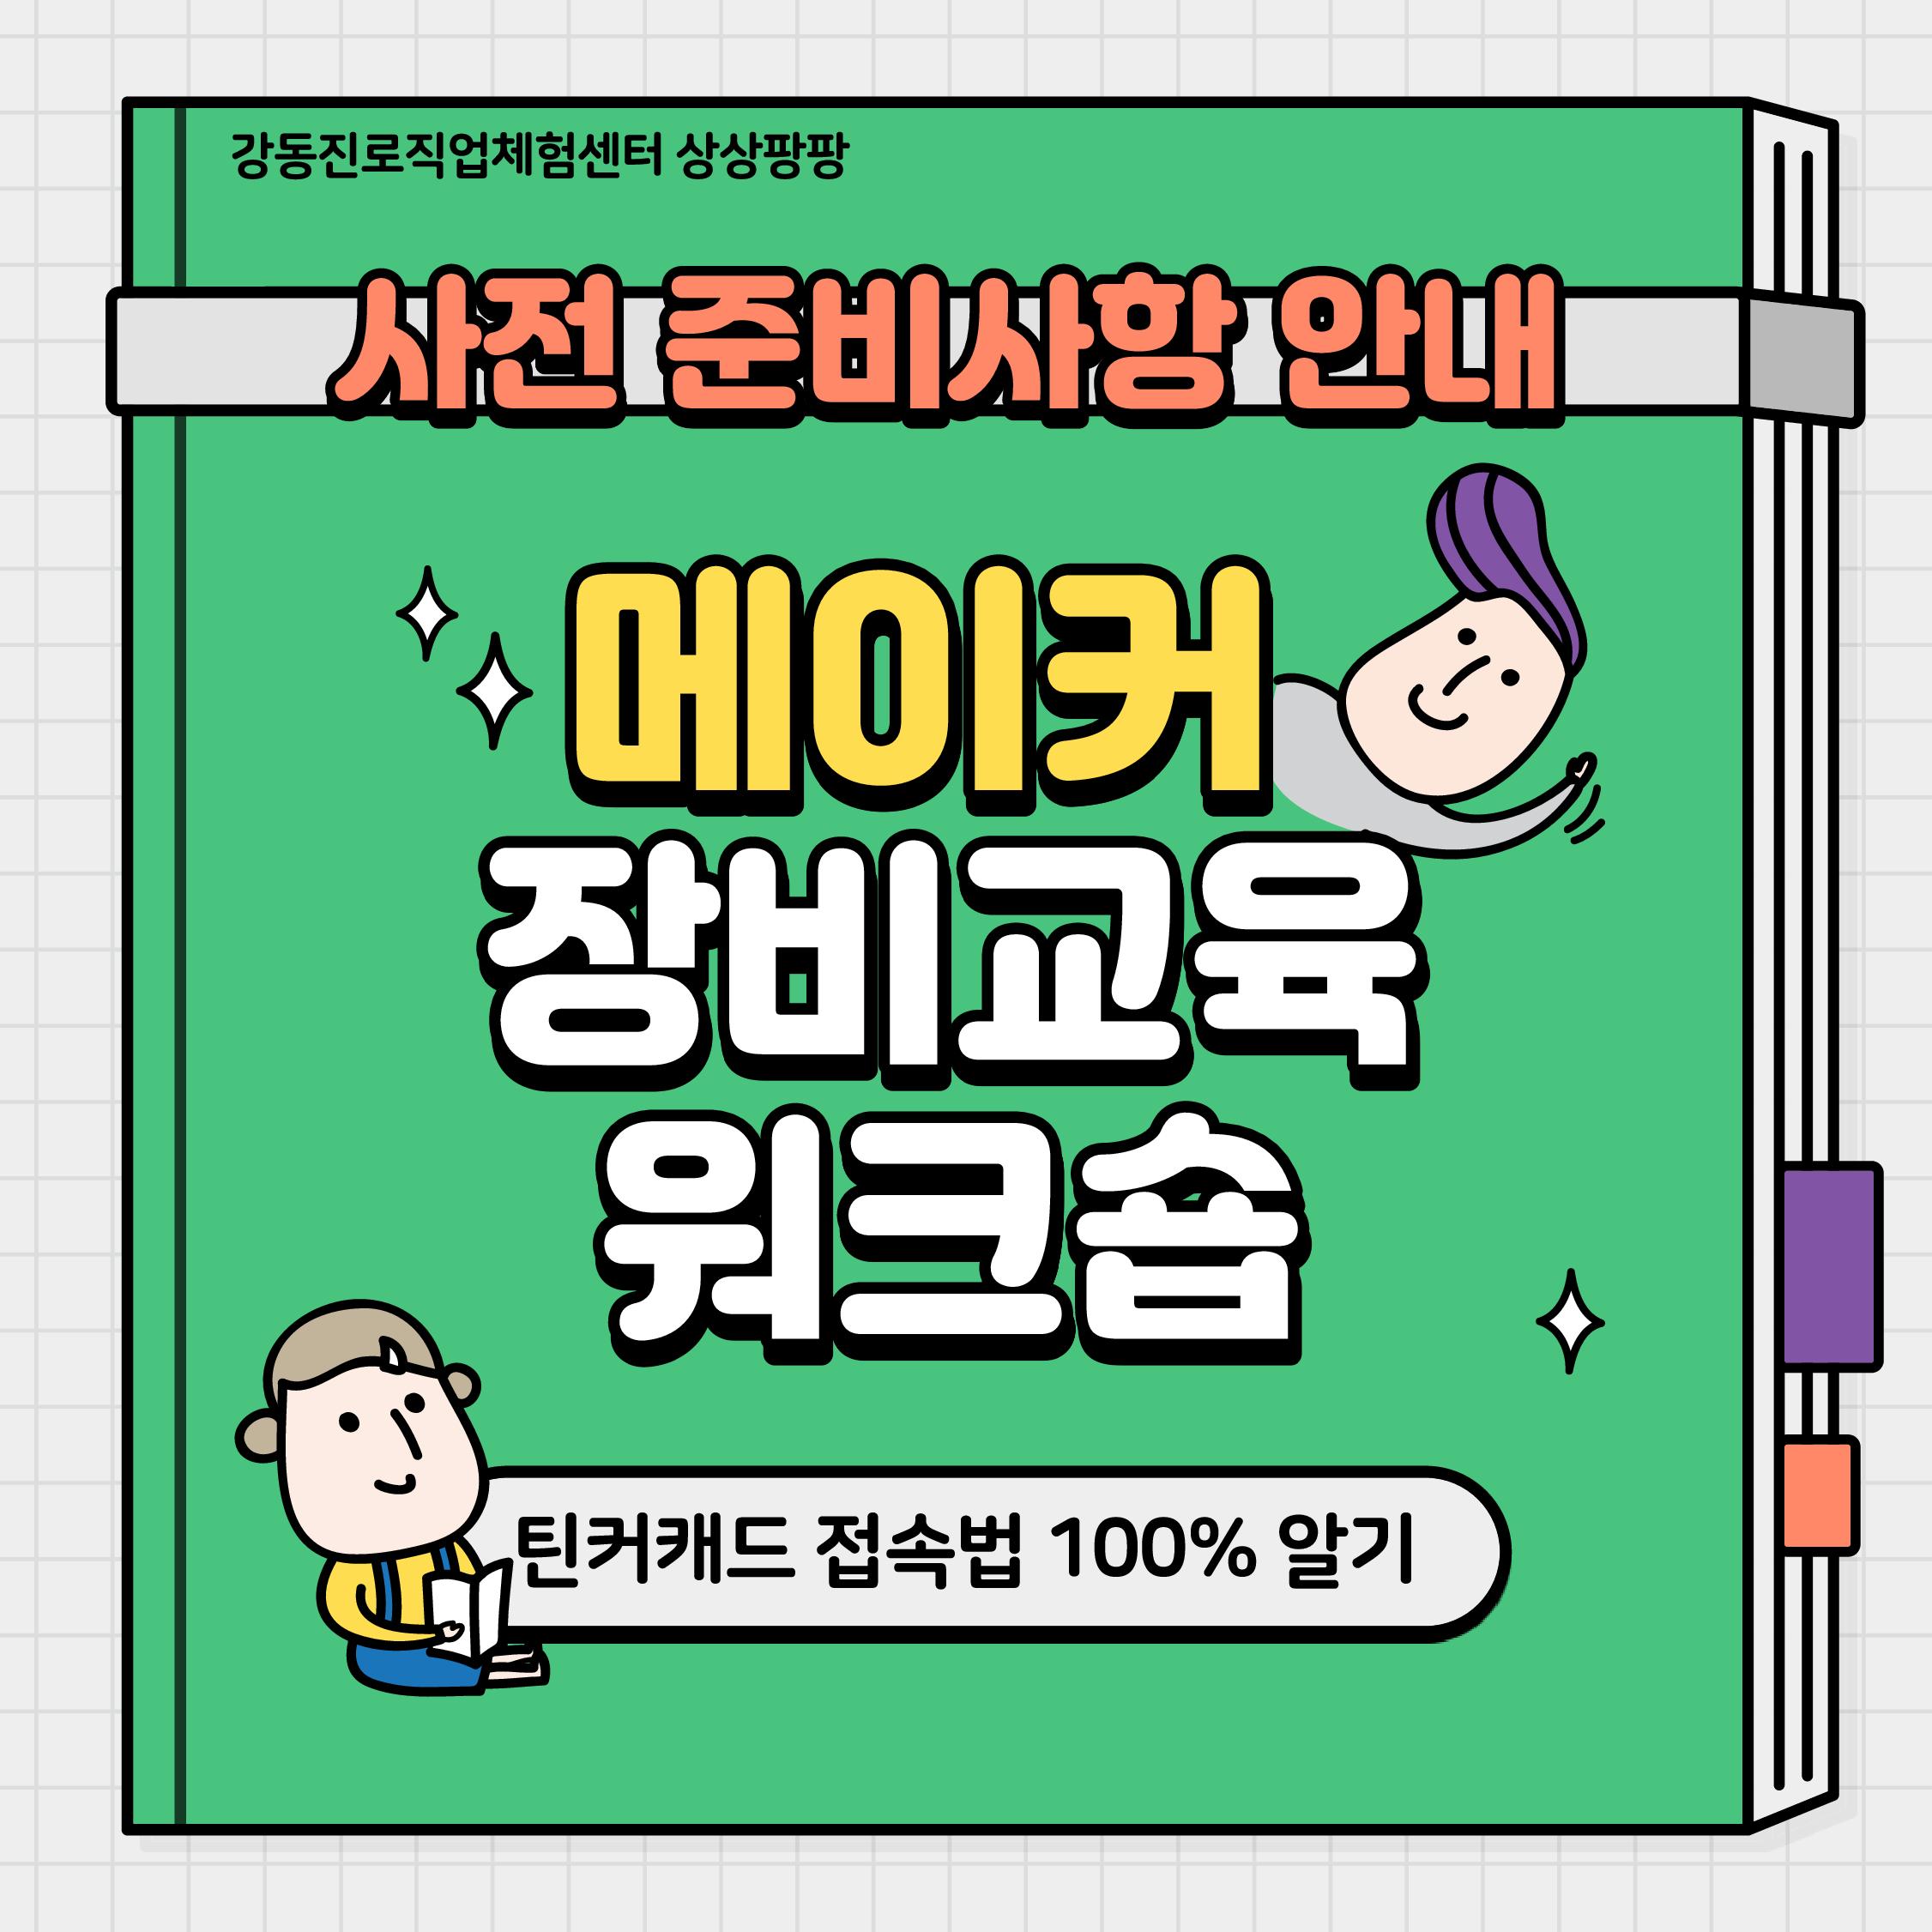 틴커캐드 사전 안내 1.jpg